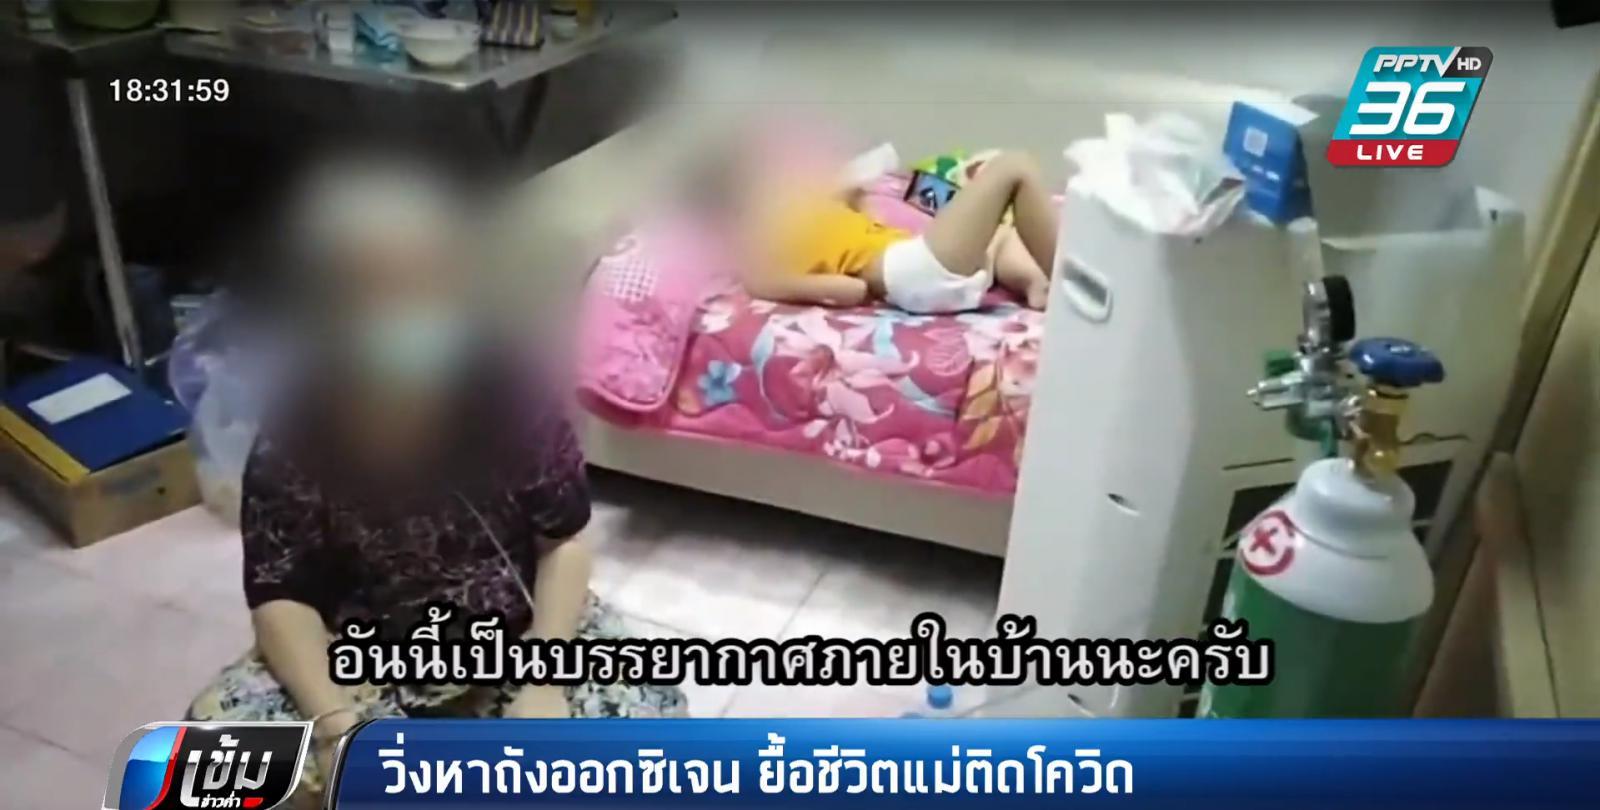 เจออีก! หญิงวัย66 ติดโควิดรอเตียงจนทรุด ลูกชายหาถังออกซิเจนต่อลมหายใจ